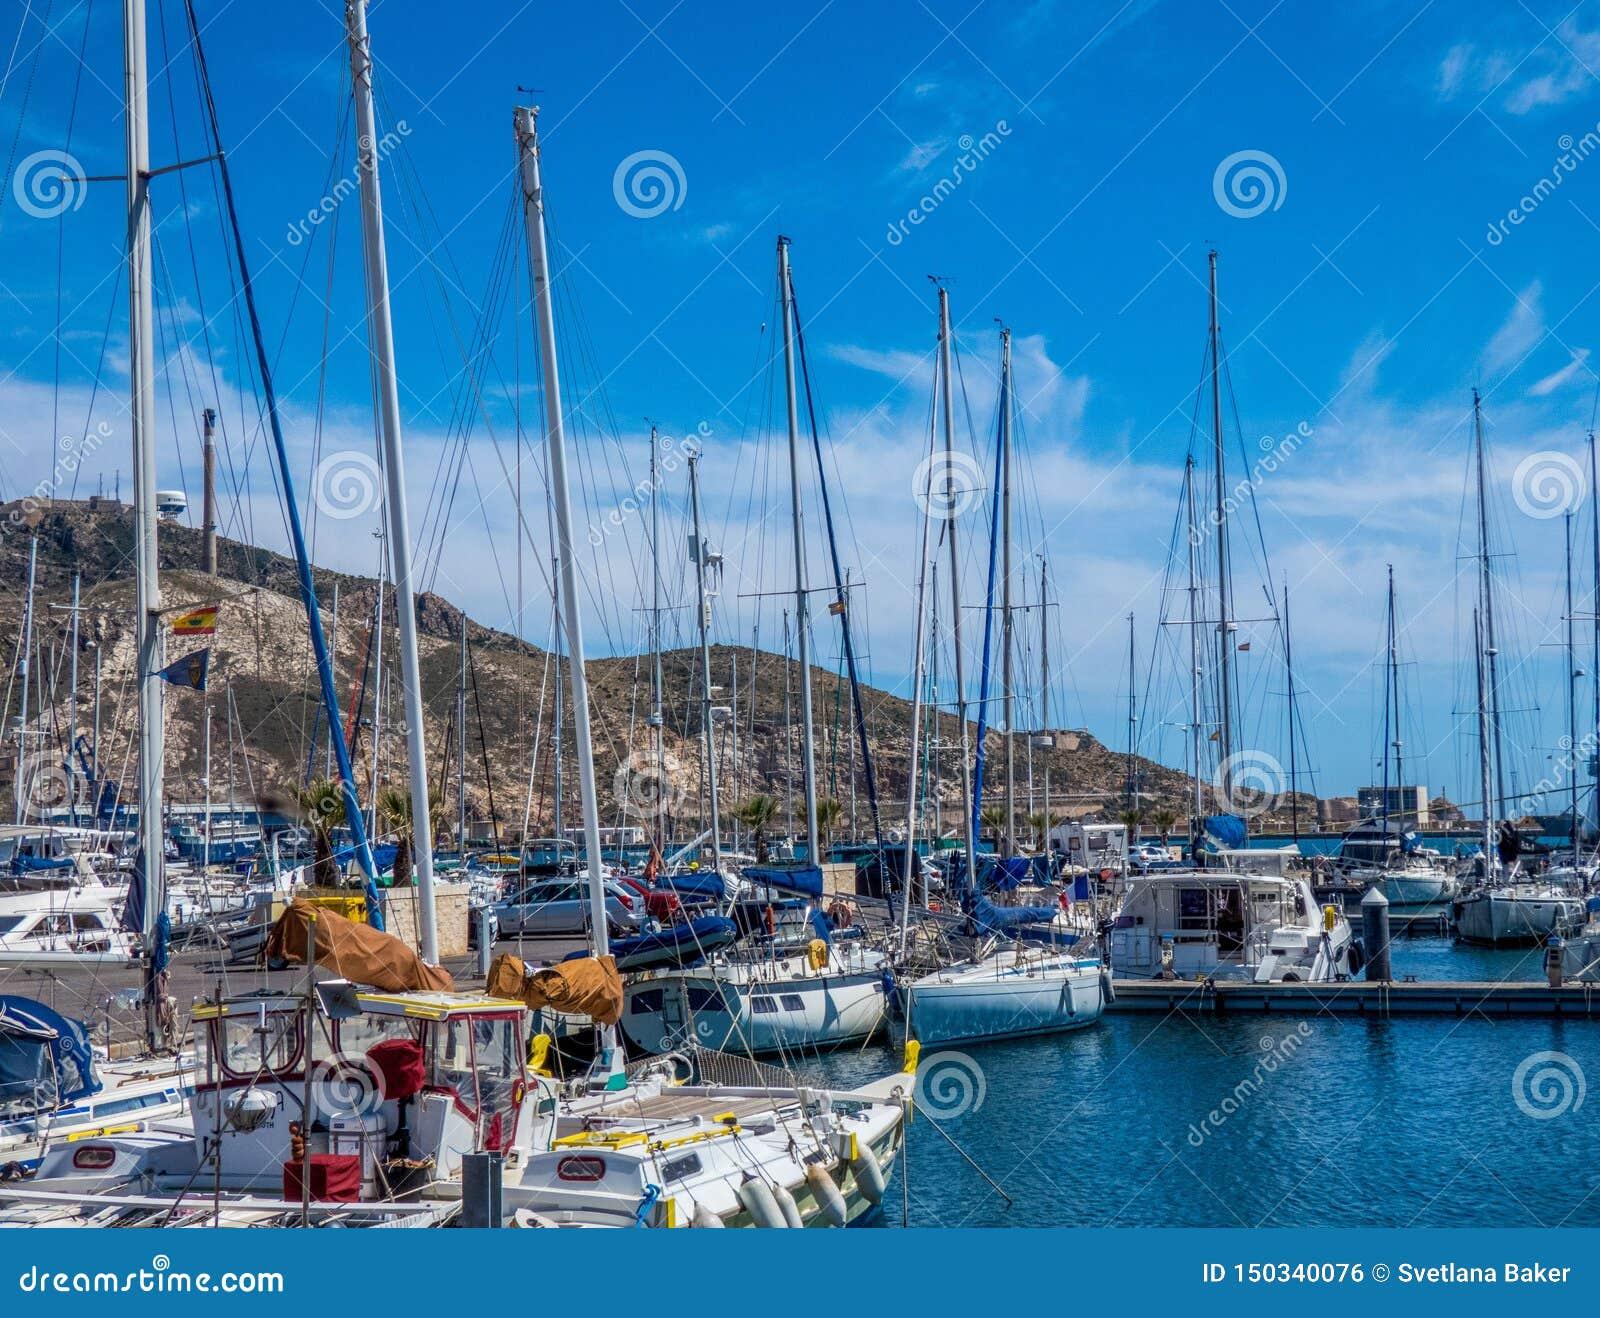 Boote im alten Hafen in Cartagena, Spanien